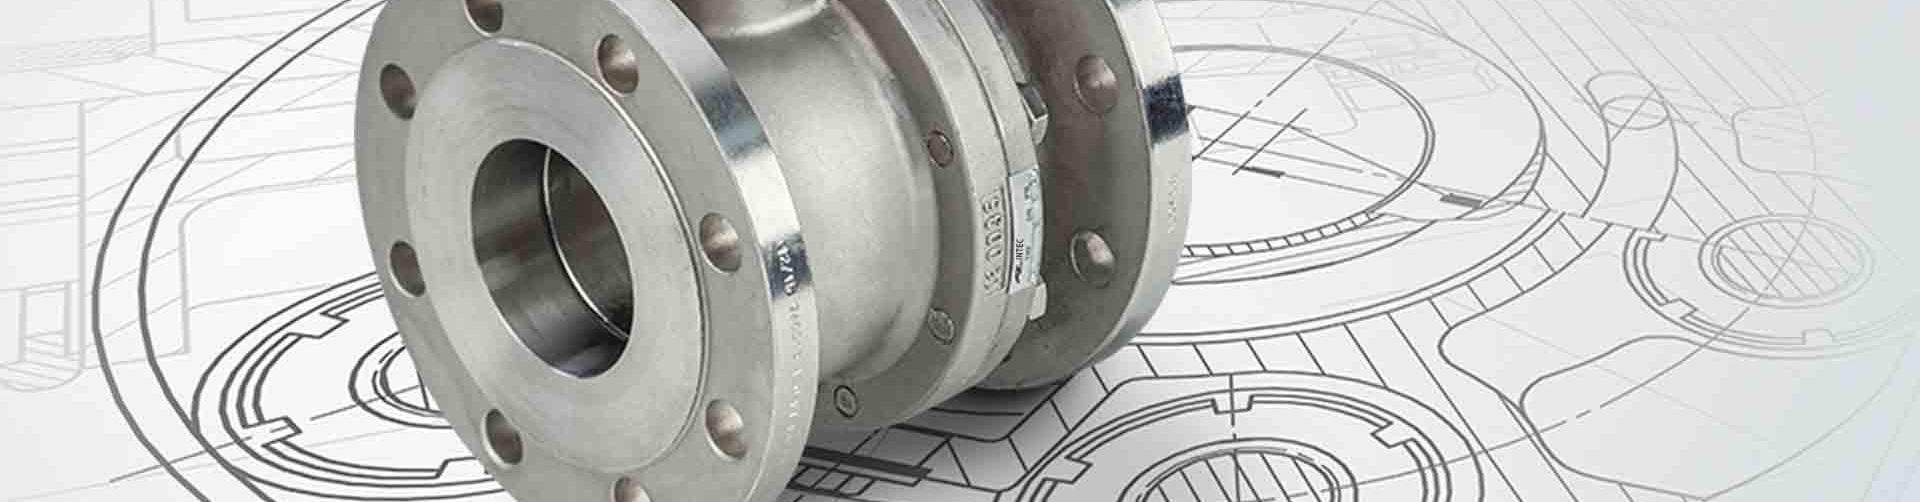 Hlavní dodavatelé potrubí pro průmyslové a mediciální plyny